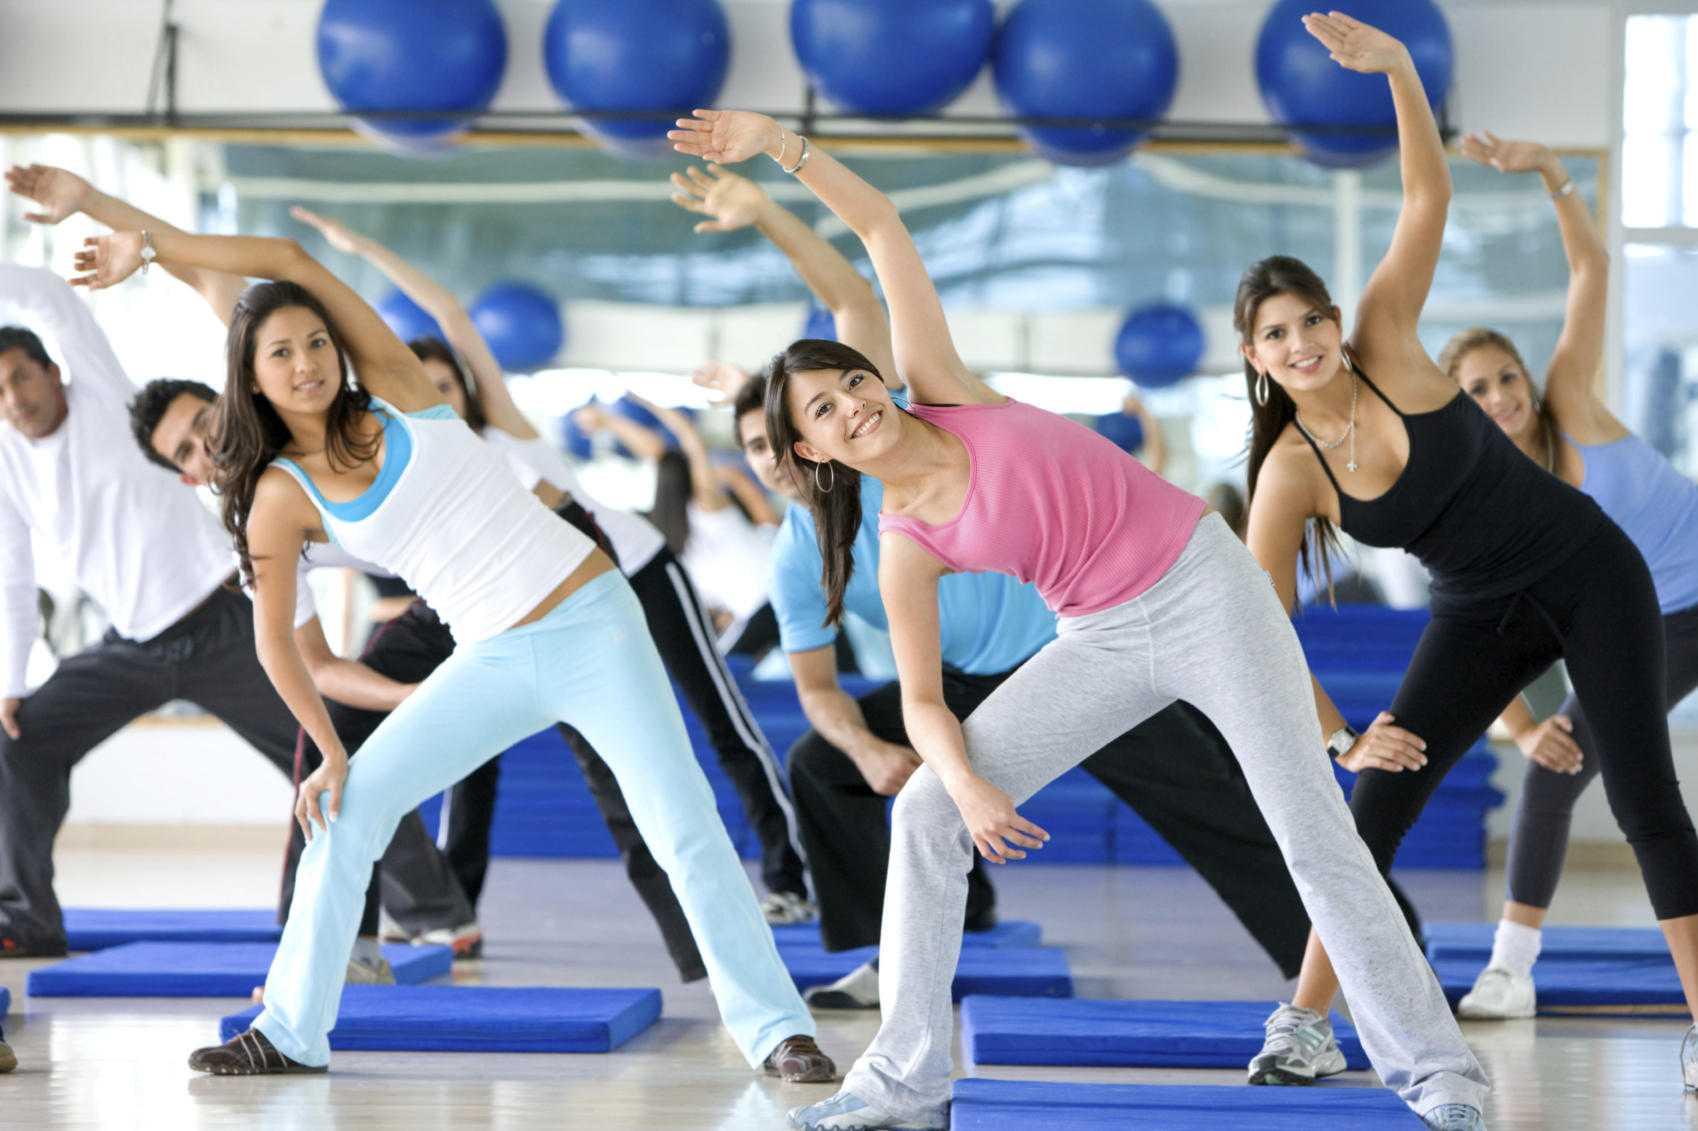 Фитнес и похудение, развеем мифы